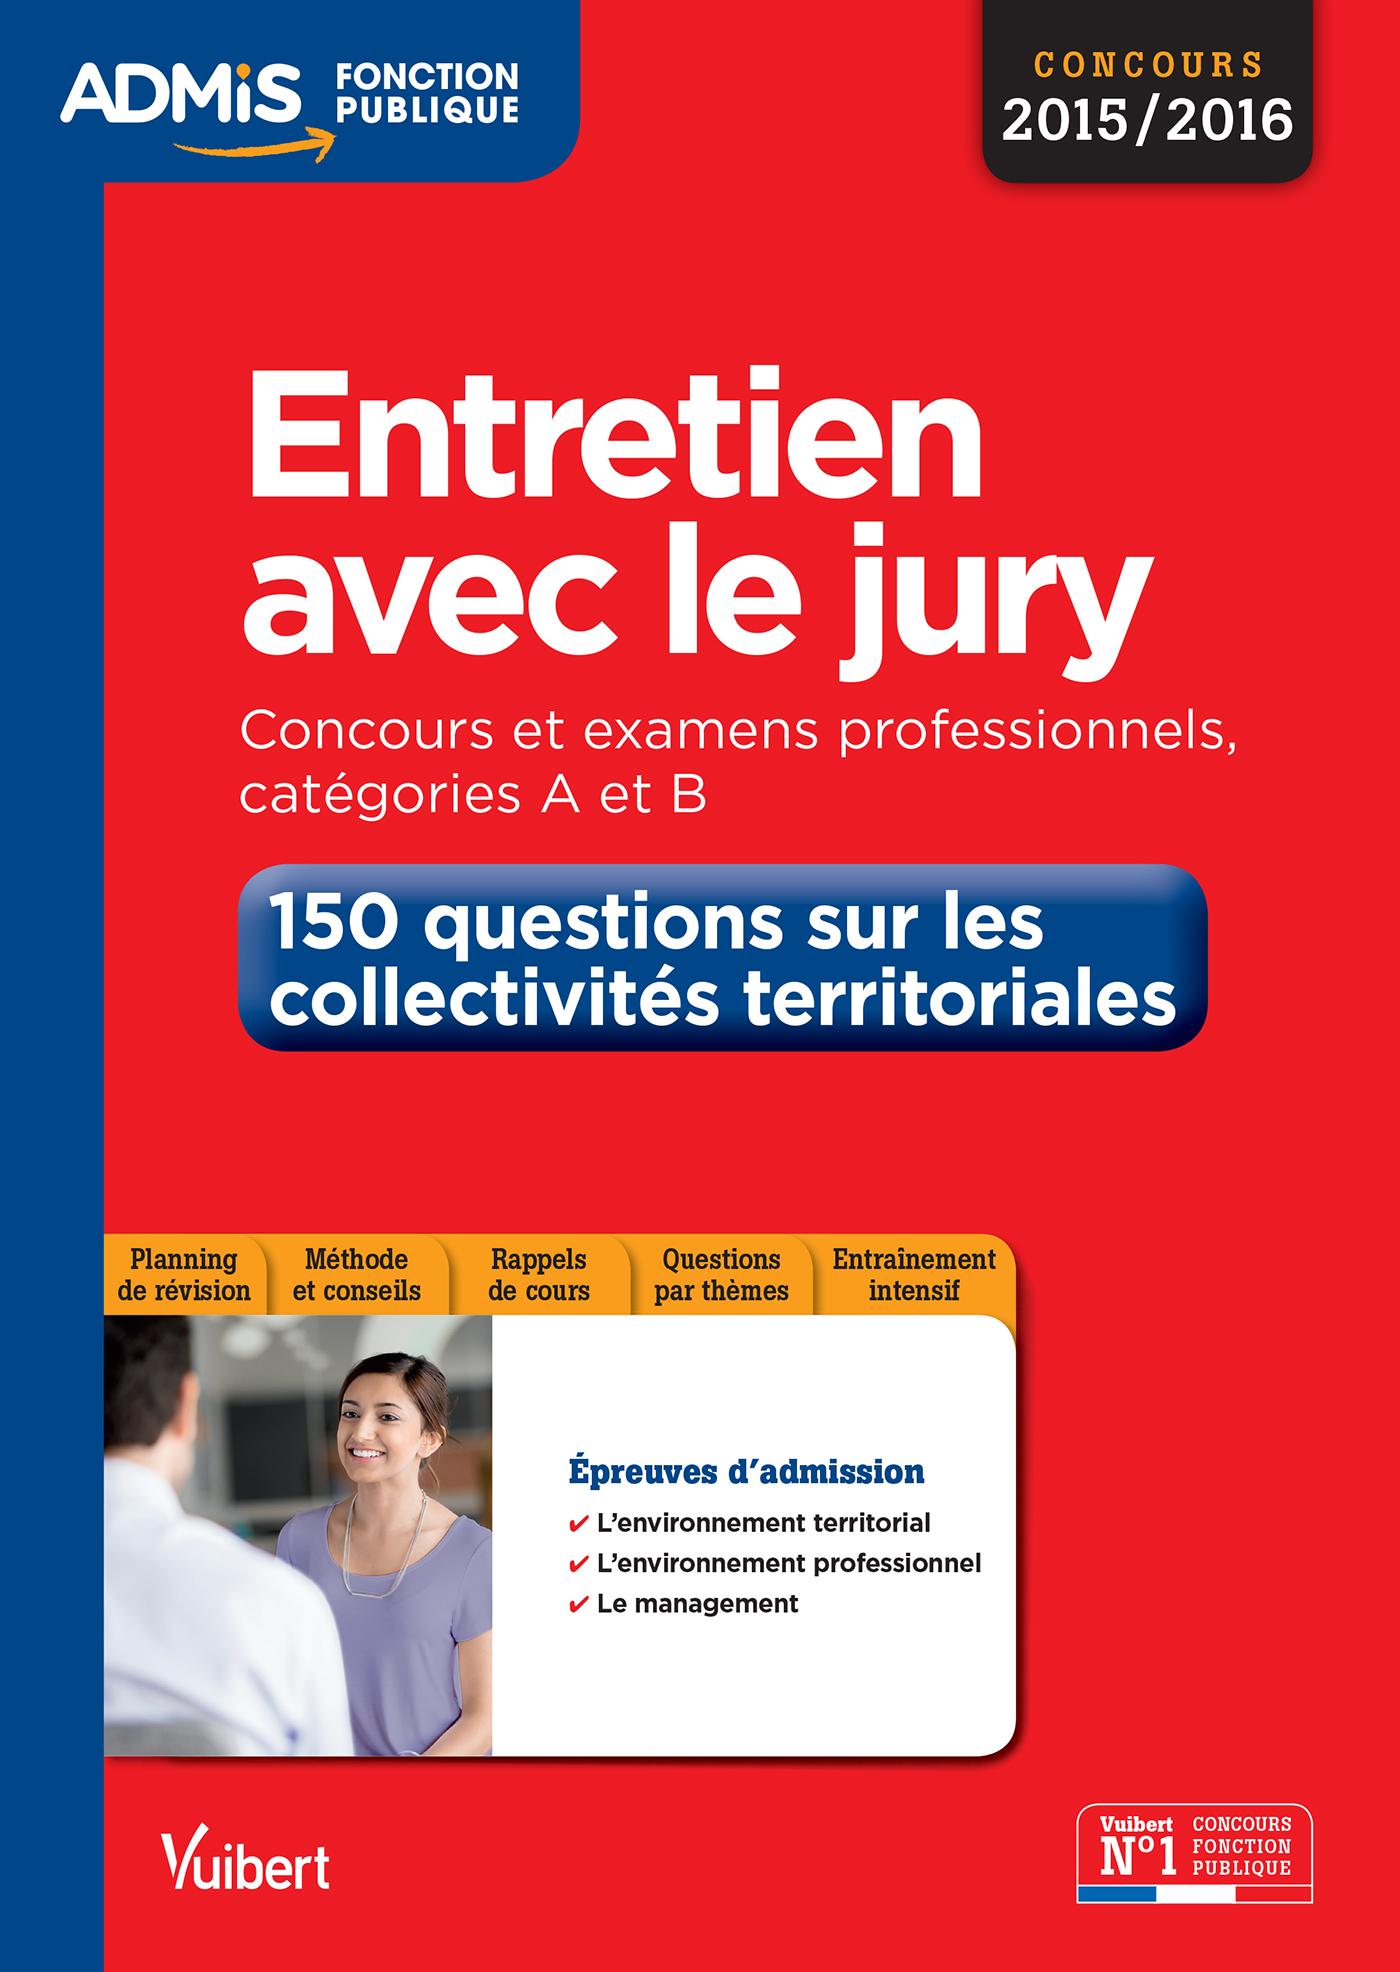 46fb5089d39 Entretien avec le jury - 150 questions sur les collectivités territoriales  - Catégories A et B